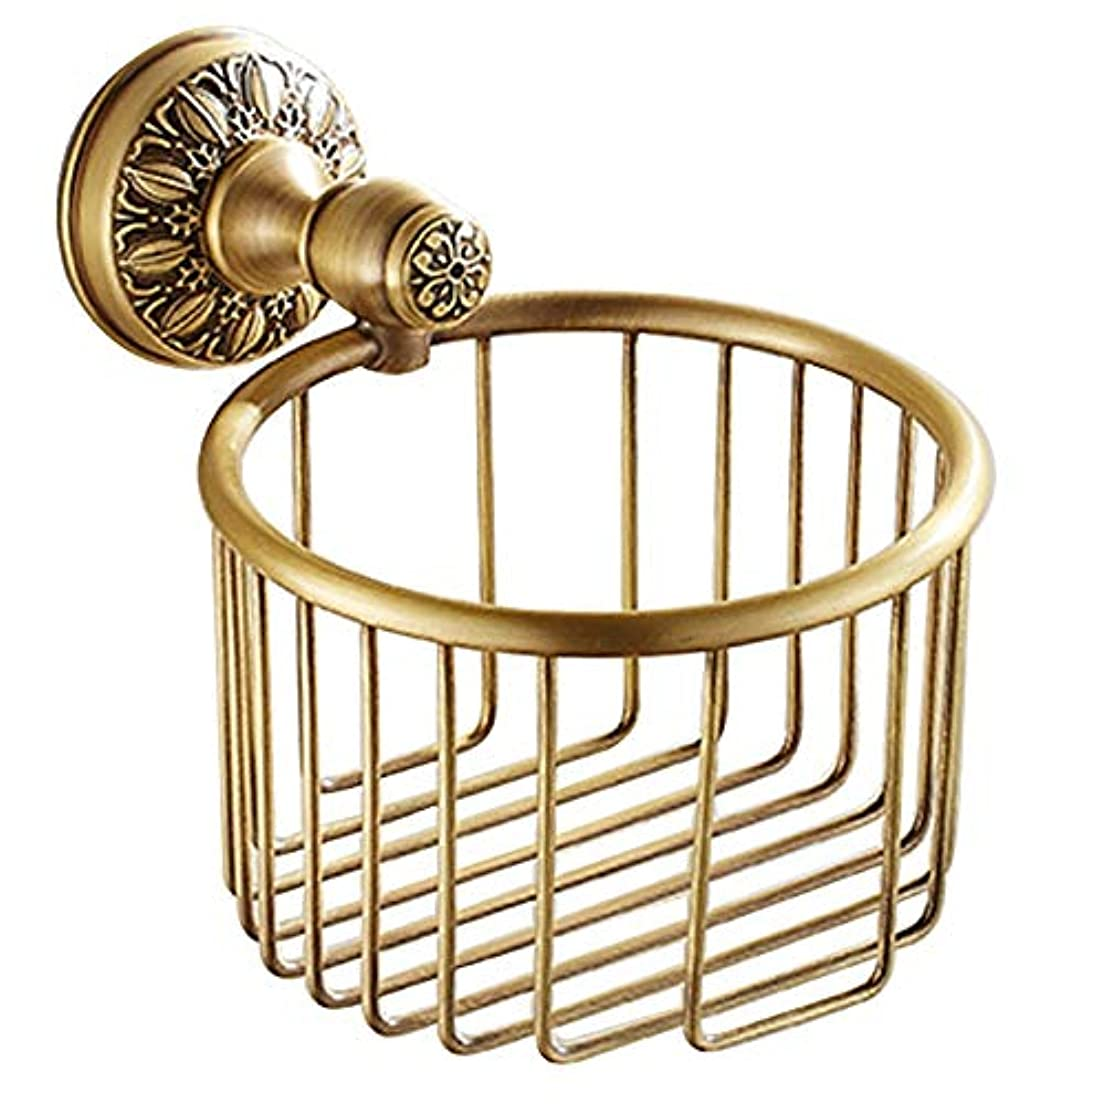 手順移住する戦闘ZZLX 紙タオルホルダー、ヨーロッパスタイルのフル銅模倣アンティークバスルームトイレットペーパータオルホルダー ロングハンドル風呂ブラシ